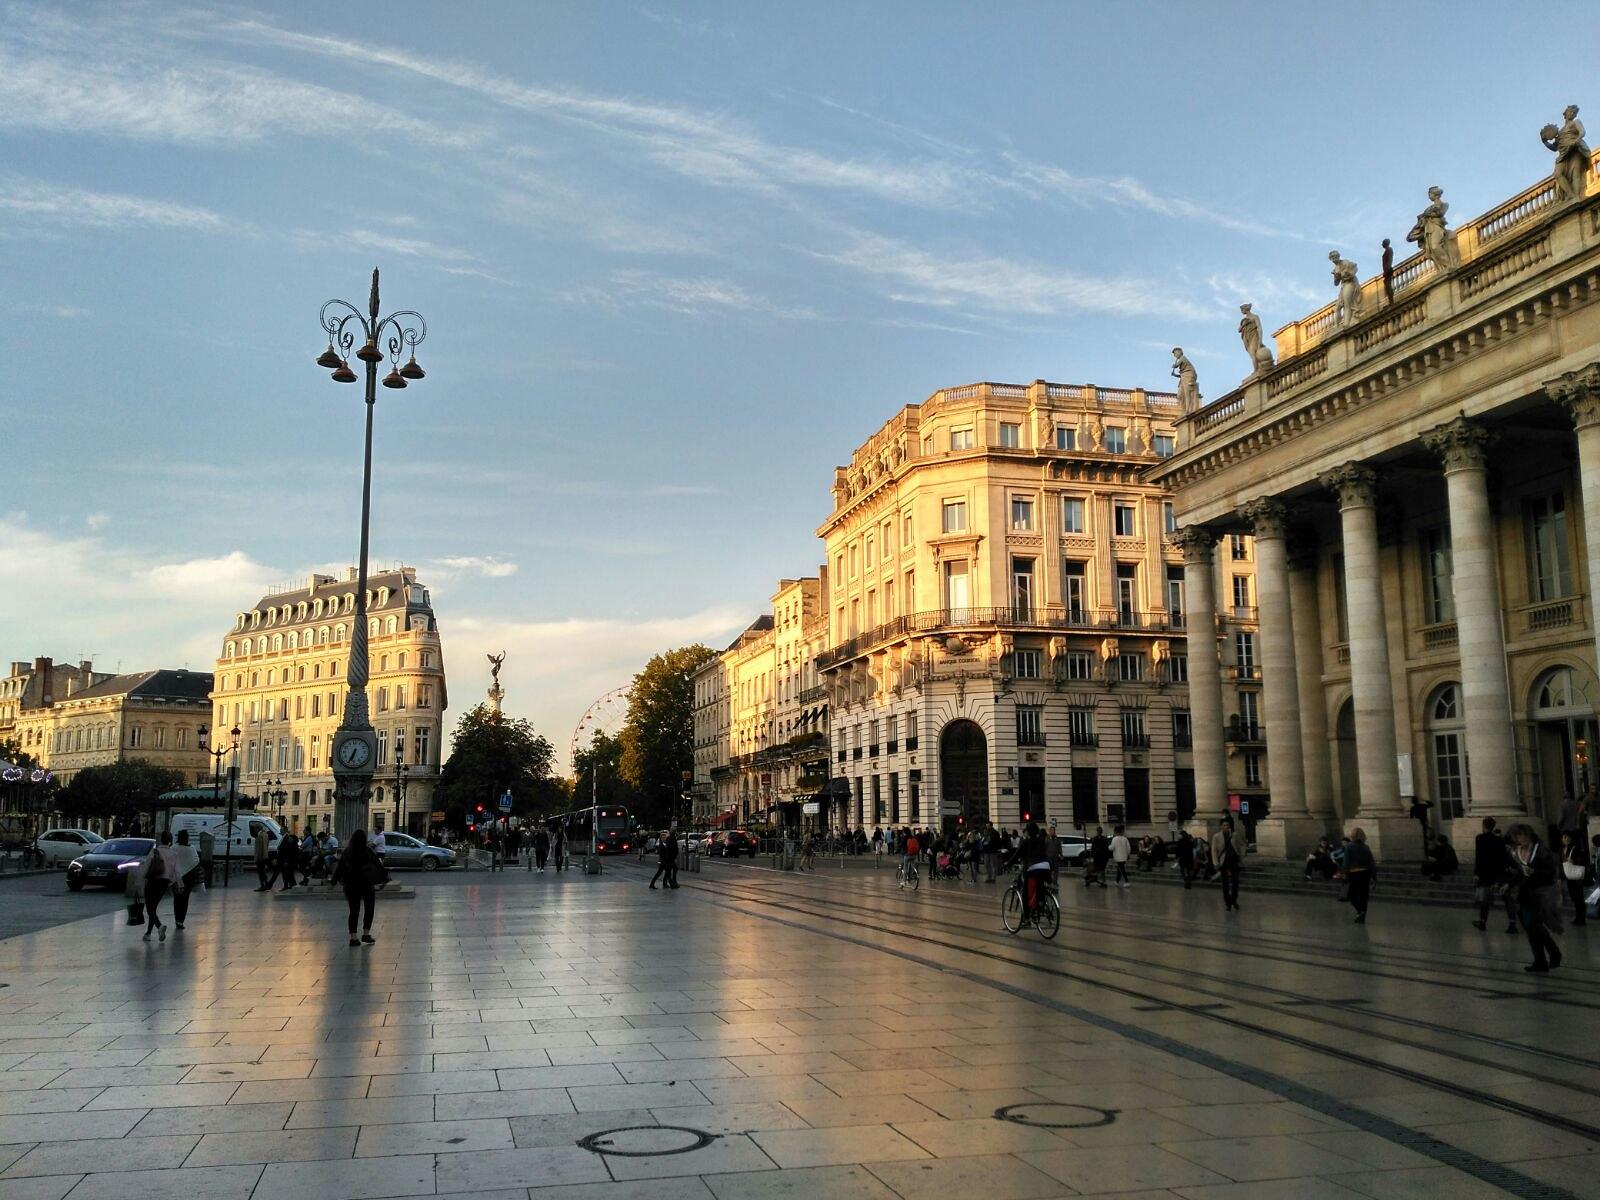 La Plaza de la Bolsa. A mano derecha, el Gran Teatro y ciclistas y peatones en sobre el riel del tranvía. Foto Berta González